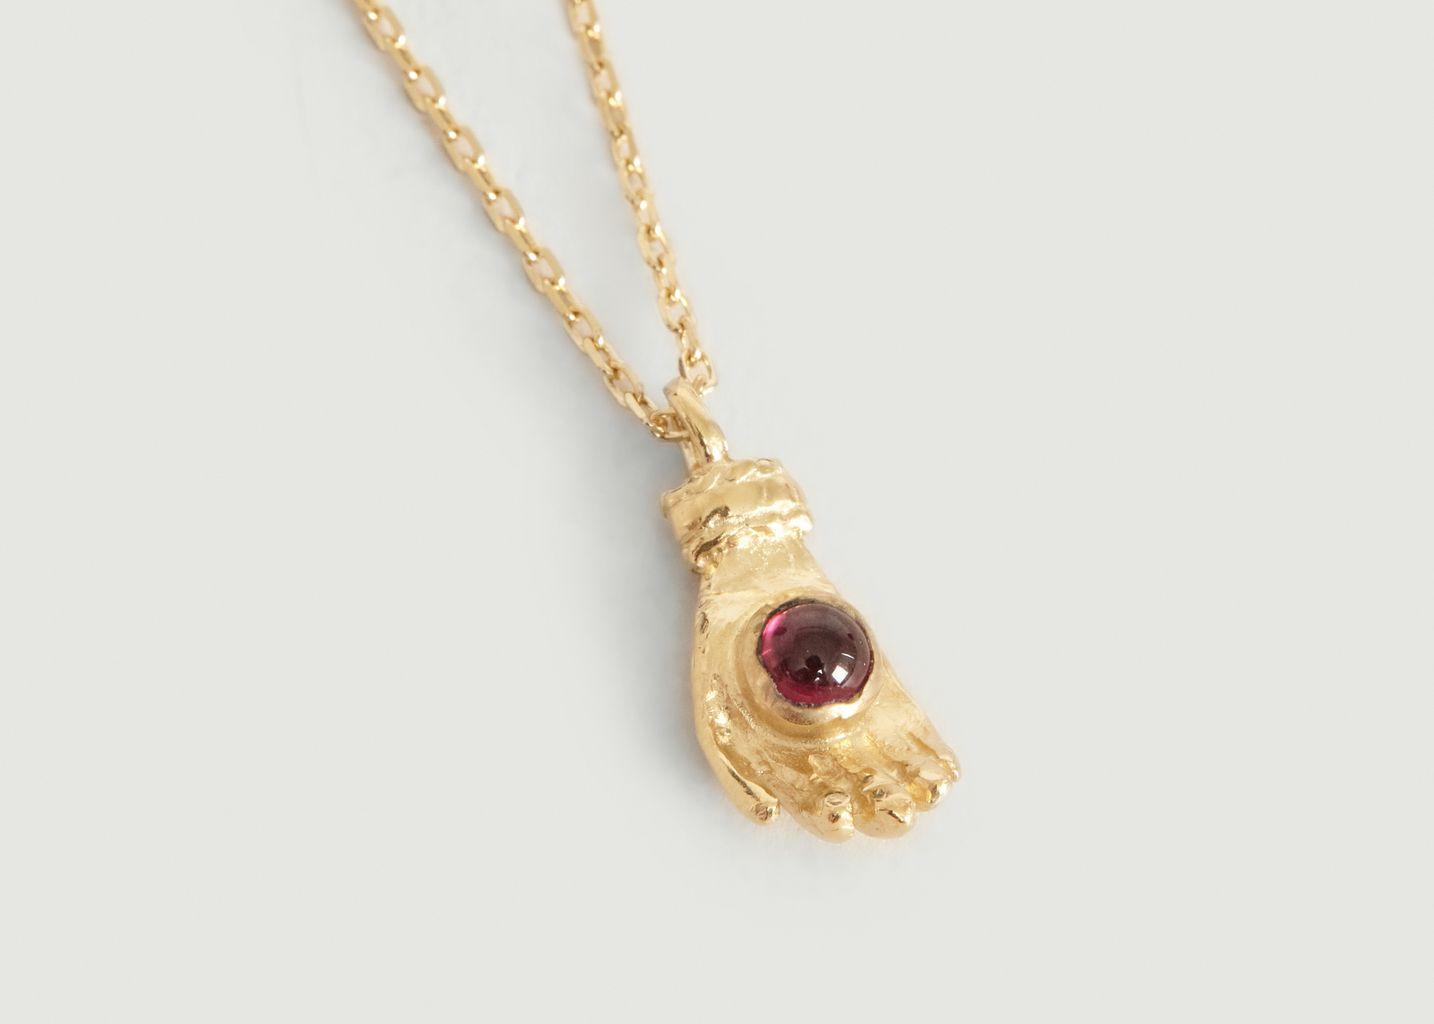 Collier chaîne et pendentif main grenat Naby - Monsieur